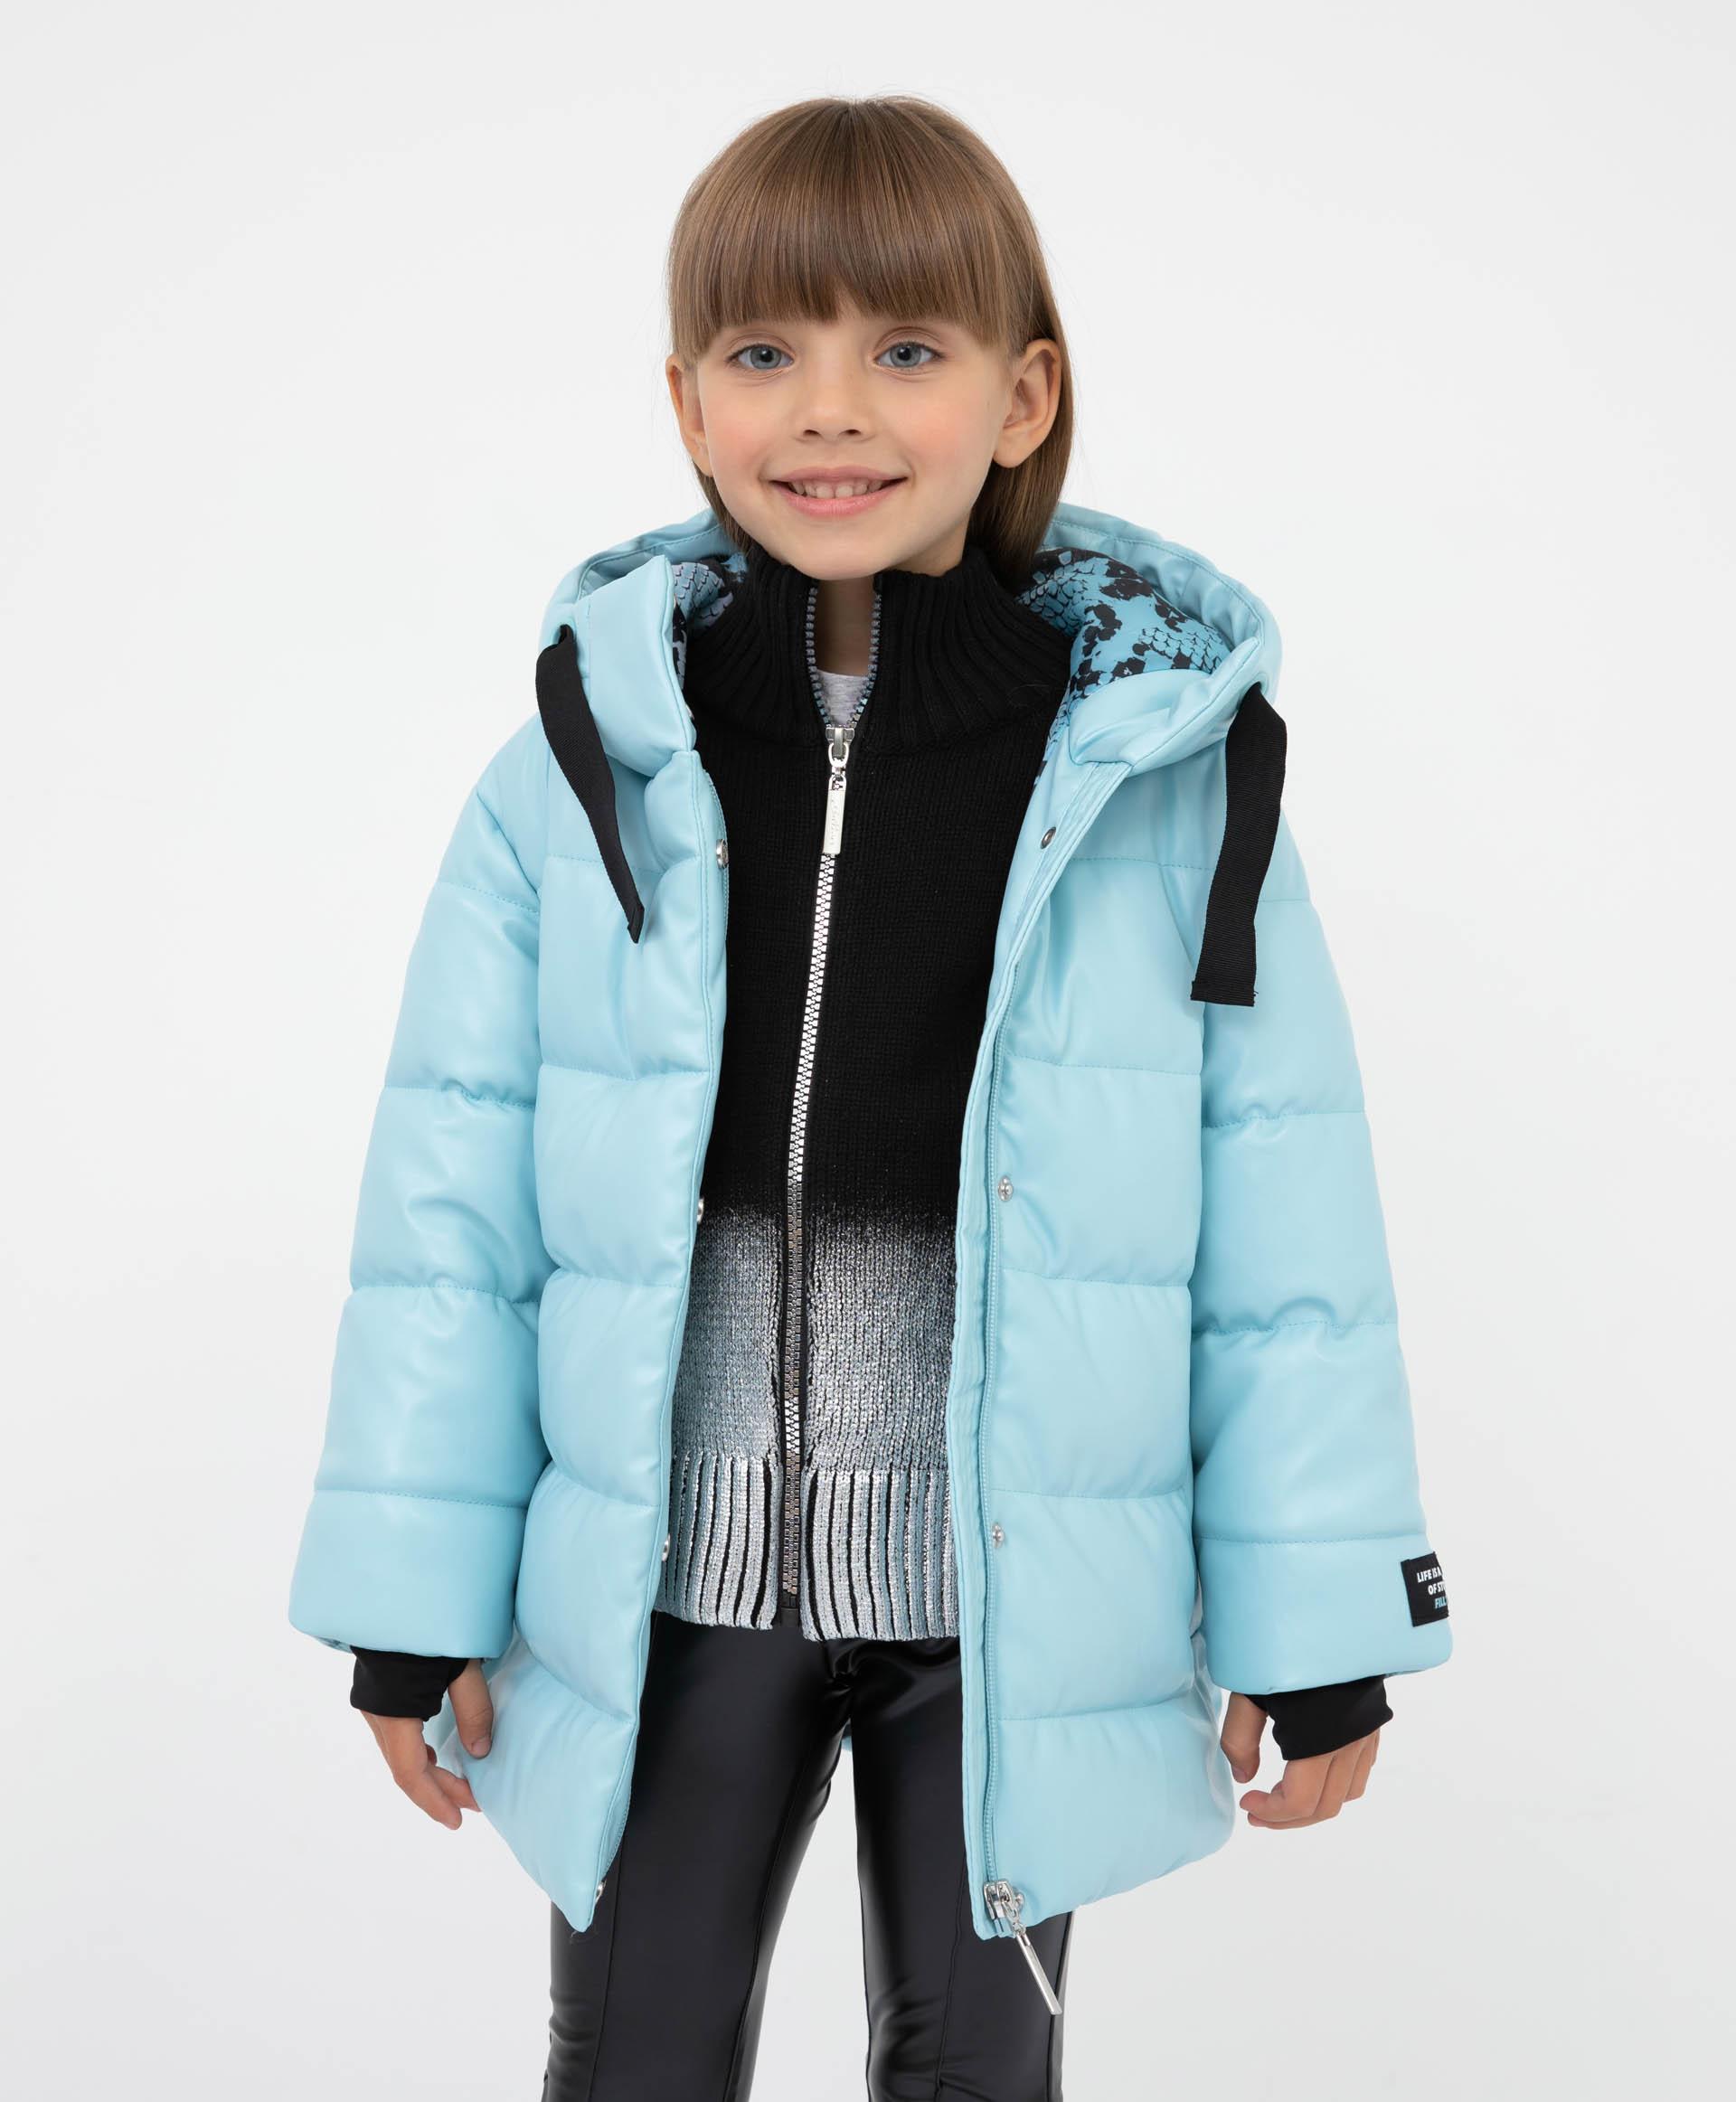 Купить 22101GMC4502, Пальто демисезонное с капюшоном Gulliver, голубой, 128, Полиуретан, Женский, Демисезон, ОСЕНЬ/ЗИМА 2021-2022 (shop: GulliverMarket Gulliver Market)